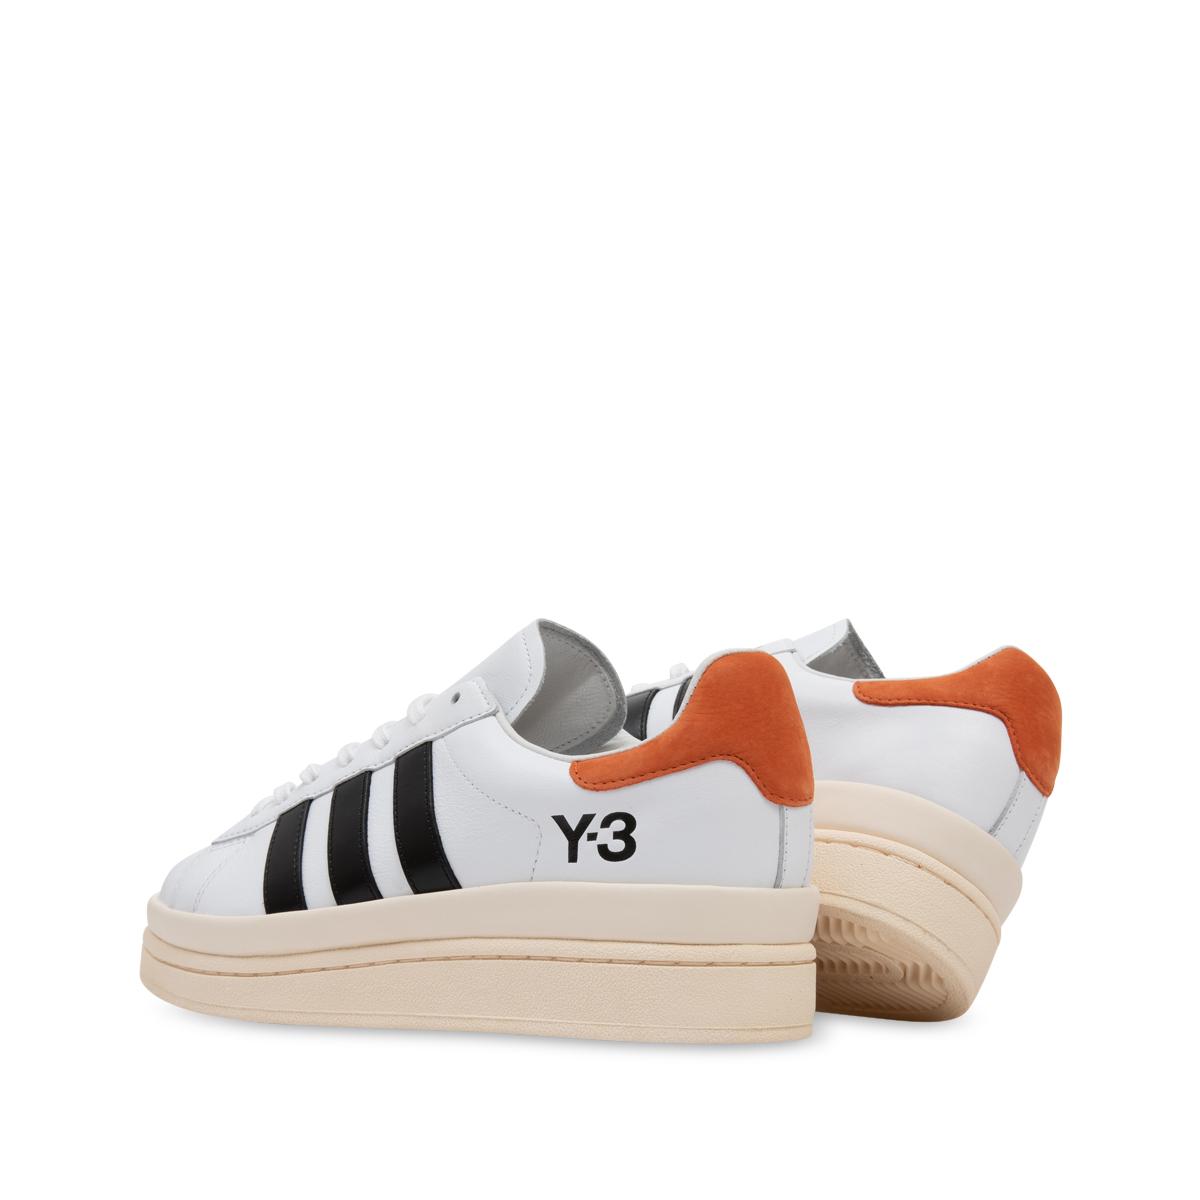 adidas Y-3 HICHO